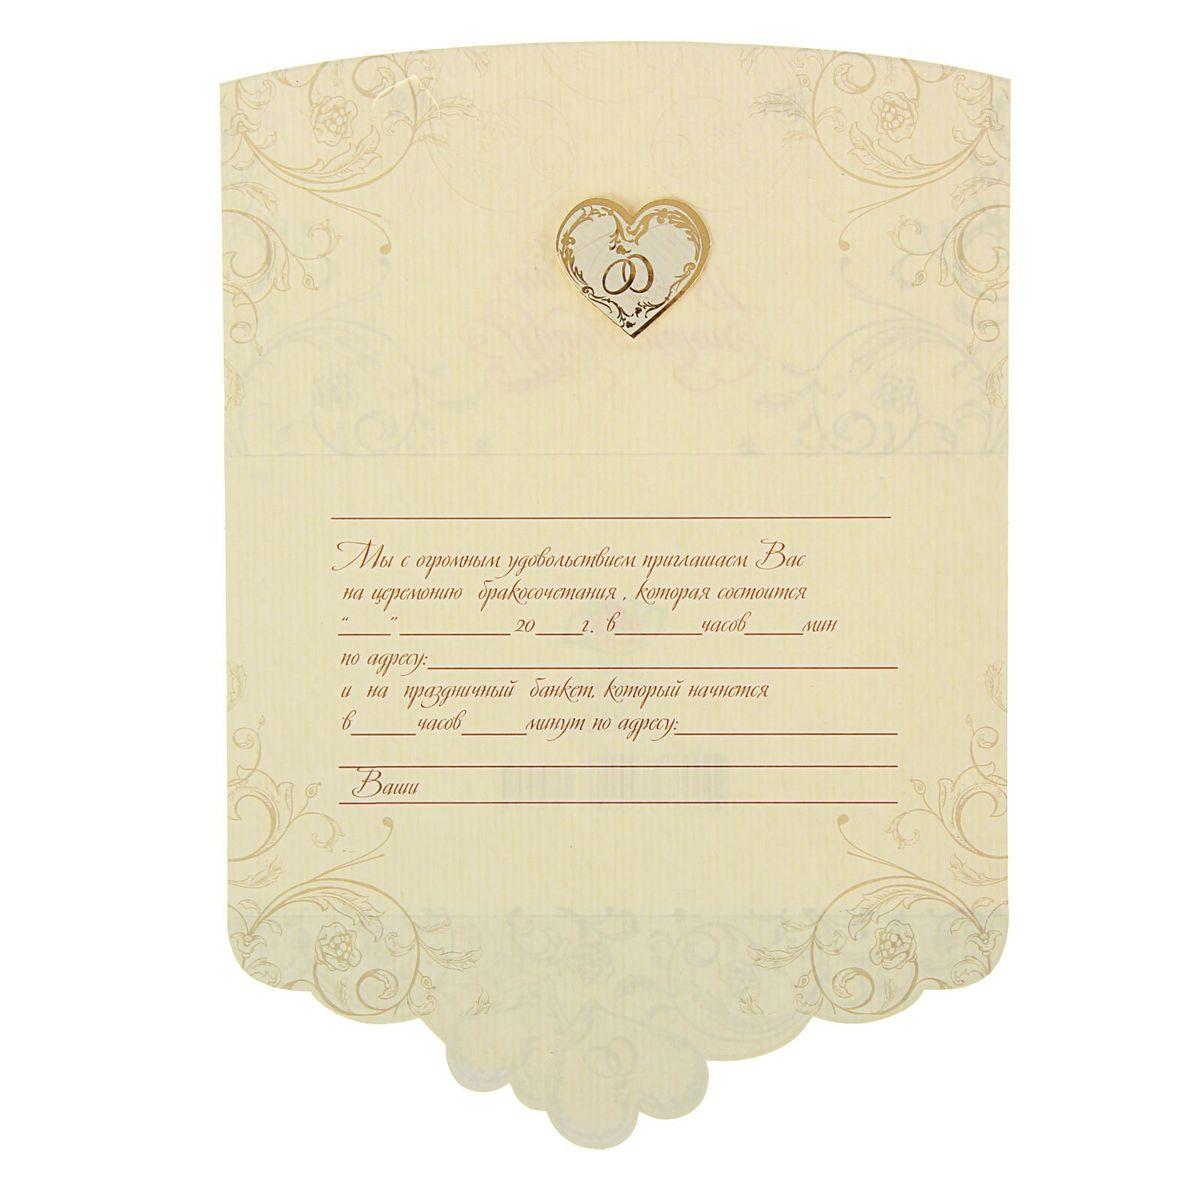 Эдельвейс Приглашение на свадьбу, сердца. 11454771145477Приглашение — один из самых важных элементов вашего торжества. Задумайтесь, ведь именно пригласительное письмо станет первым и главным объявлением о том, что вы решили провести столь важное мероприятие. И эта новость обязательно должна быть преподнесена достойным образом.Приглашение —не отдельно существующий элемент, но весомая часть всей концепции праздника.